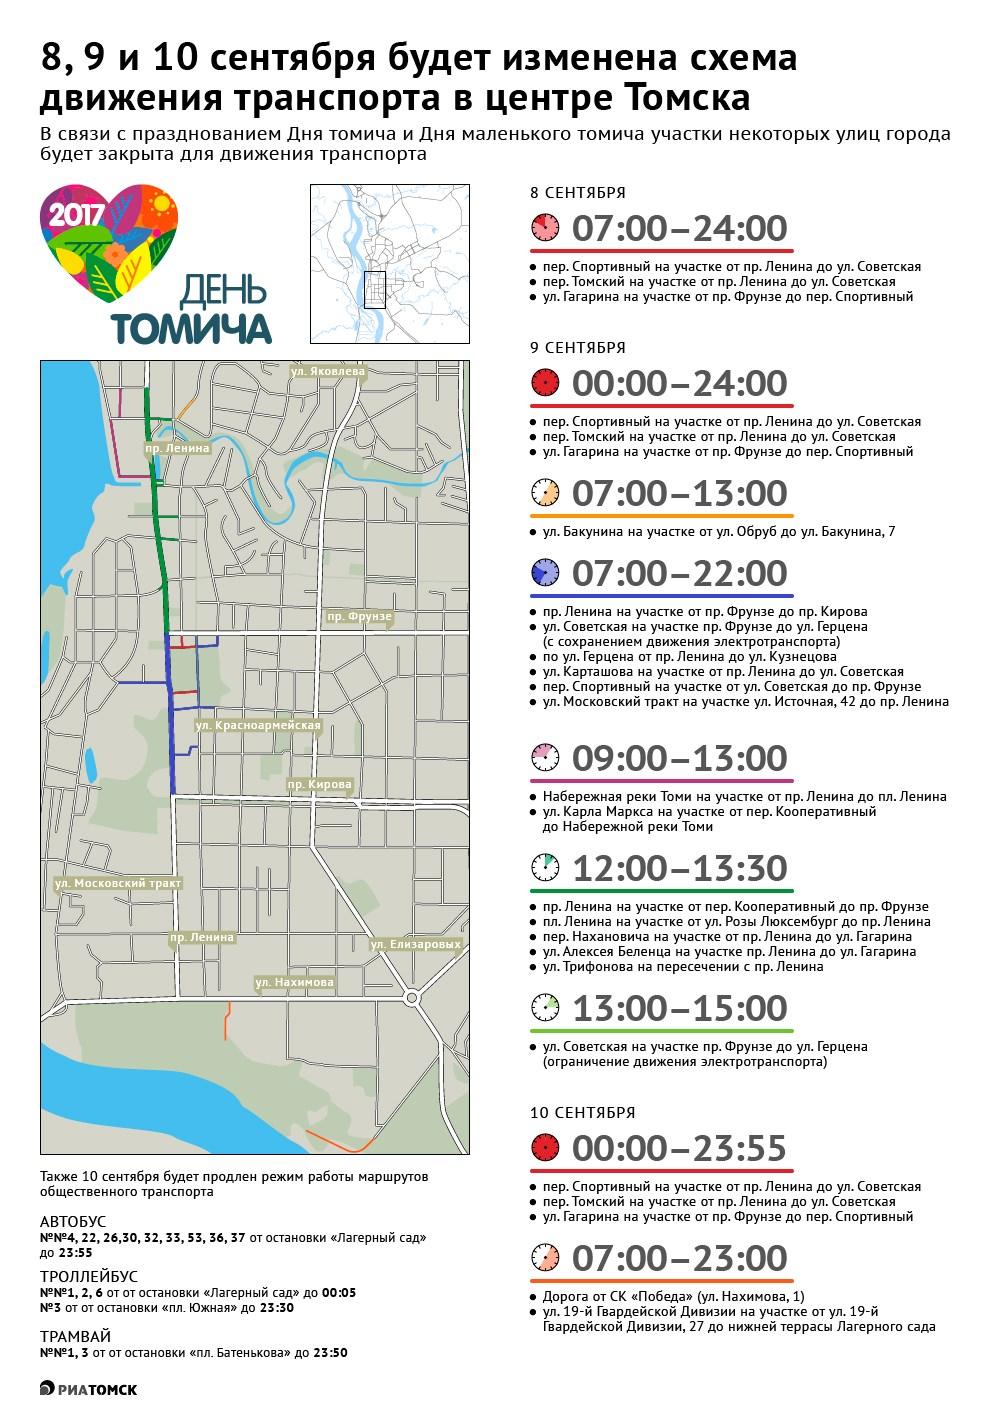 Основные мероприятия Дня томича и Дня маленького томича  пройдут на площадках в центре города. В связи с этим участки некоторых улиц 8, 9 и 10 сентября будут закрыты для движения транспорта. Какие именно – подскажет инфографика РИА Томск.